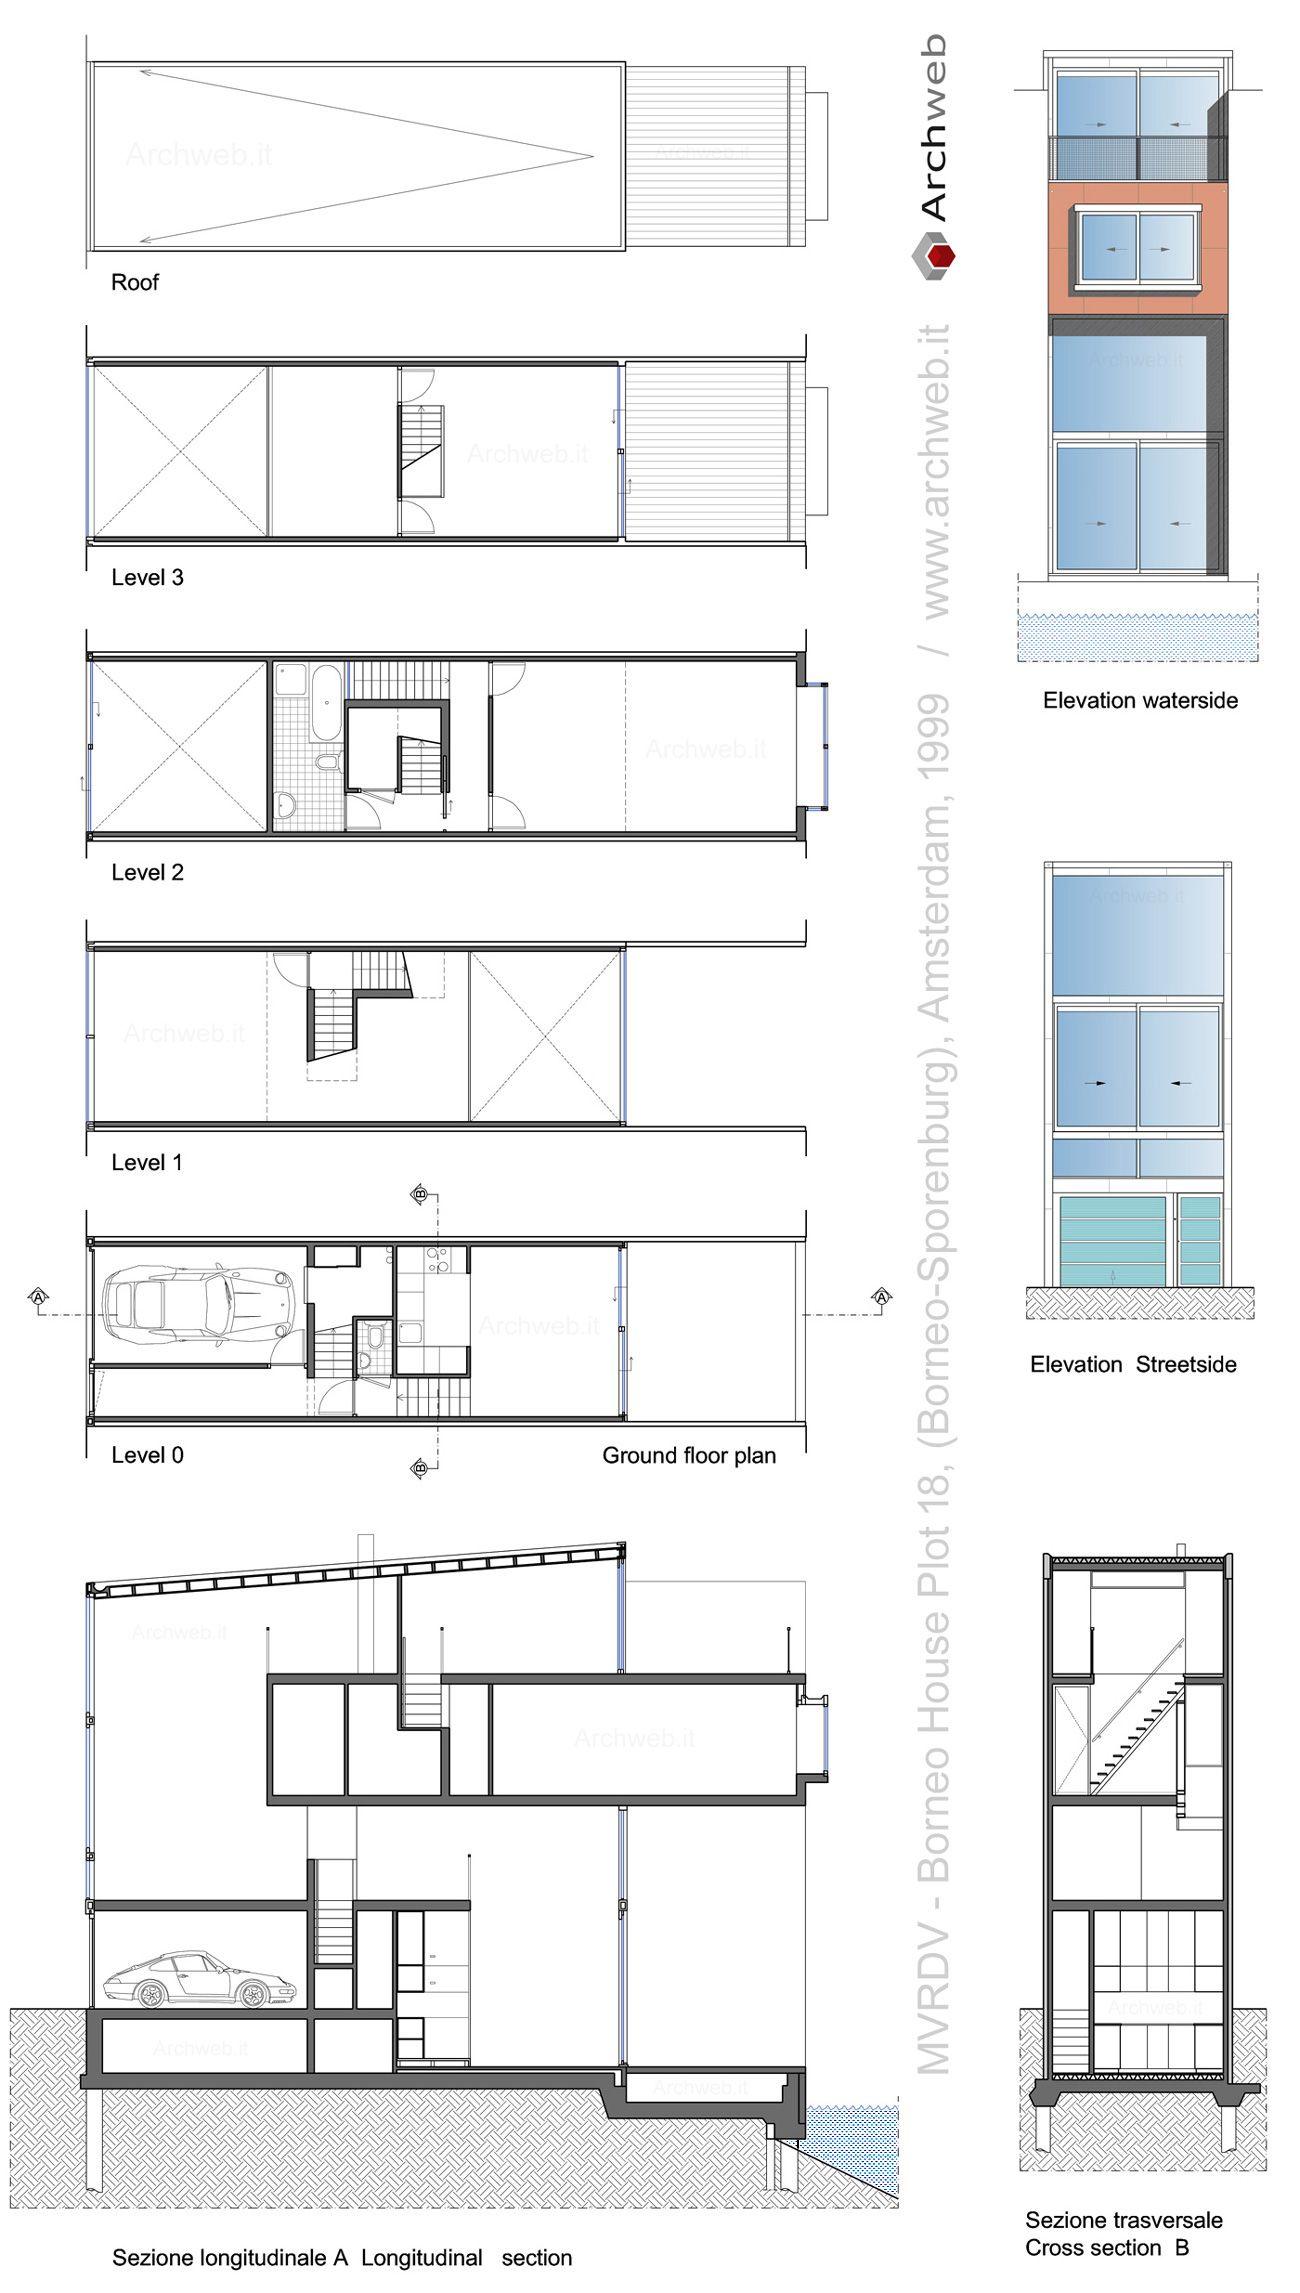 cabine armadio site archweb.it